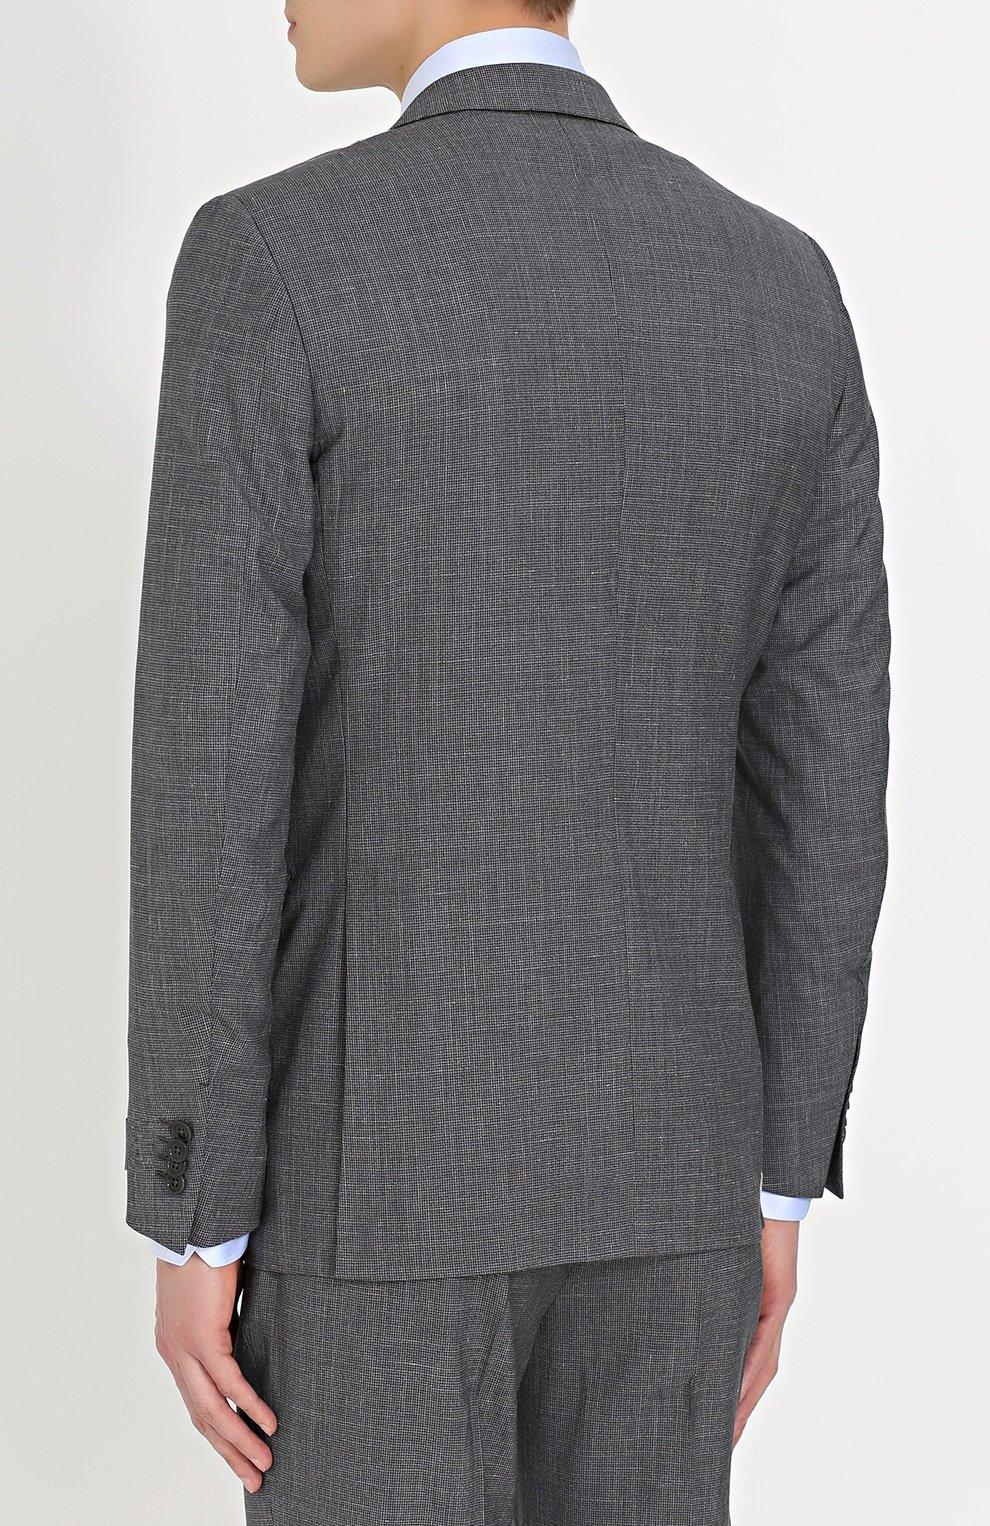 6cba70abb571 Мужской темно-серый костюм из смеси шерсти и льна ERMENEGILDO ZEGNA ...